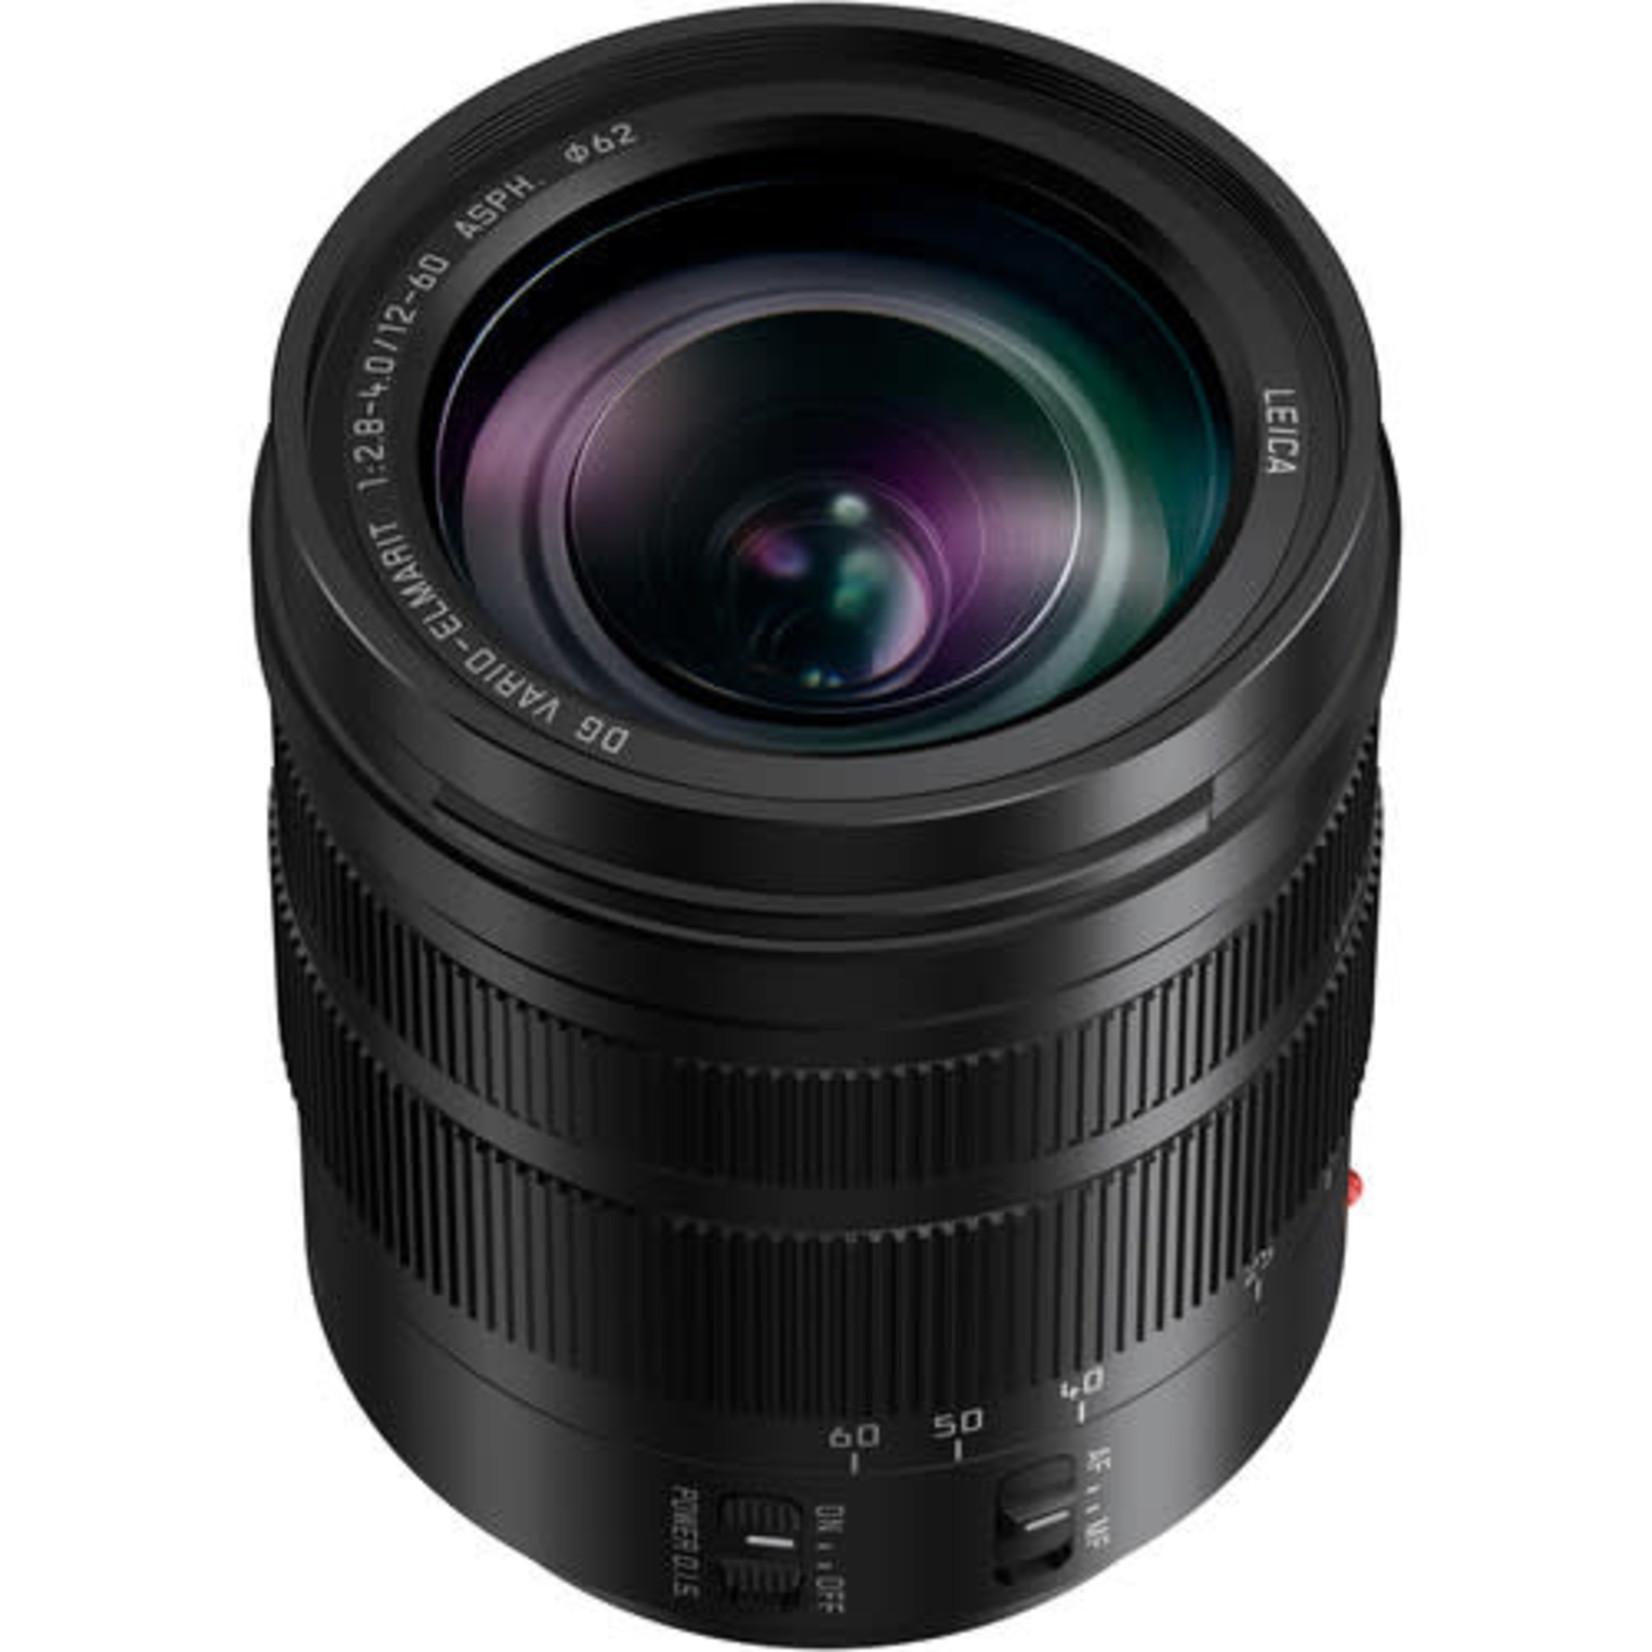 Panasonic Panasonic 12-60mm f/2.8-4 Leica